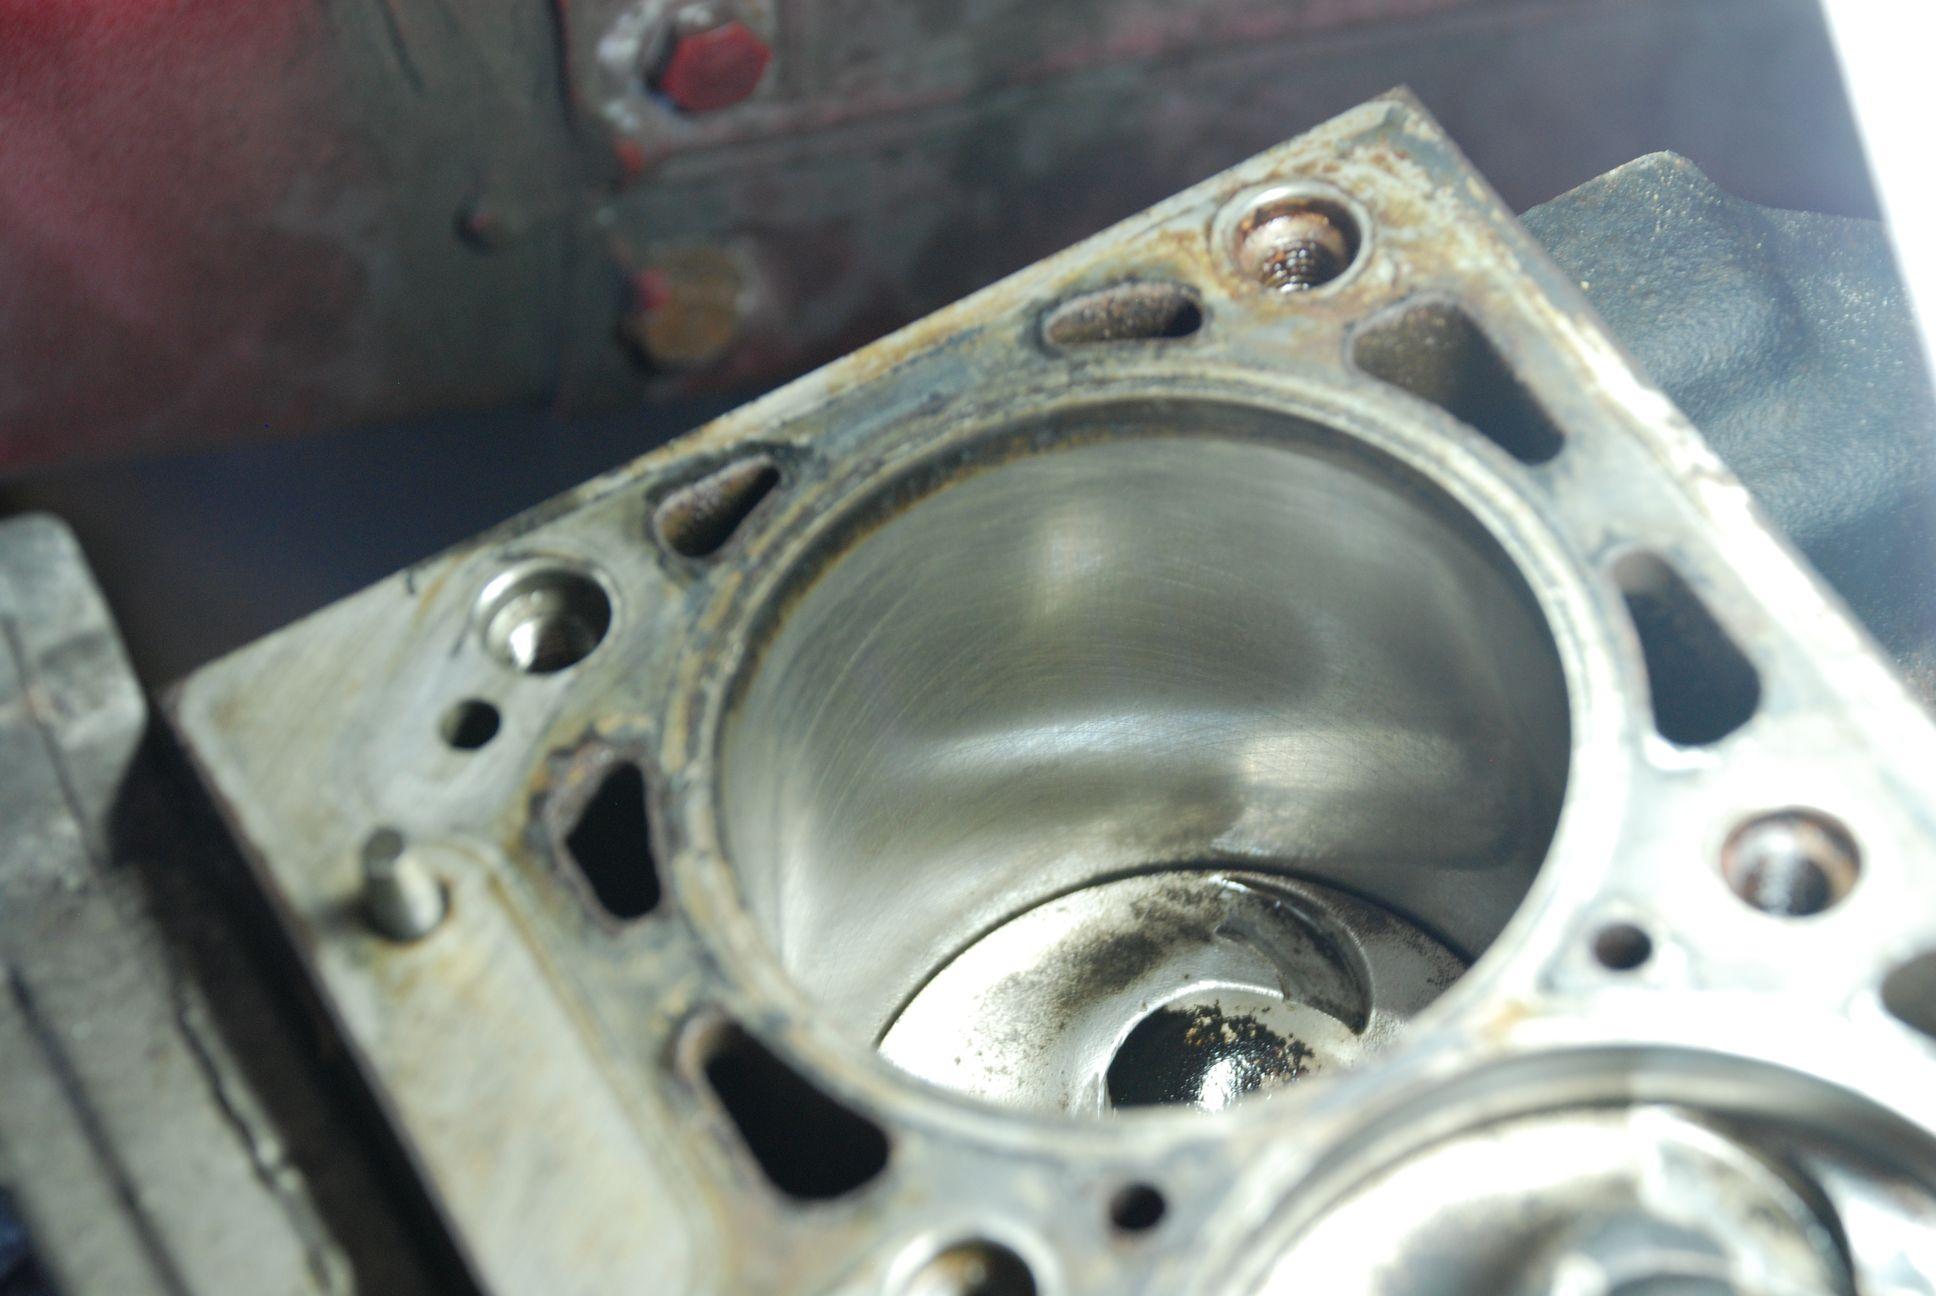 Zylinderbuchse.JPG.a0cf8ee7e35d67d1045defbd283a2c81.JPG